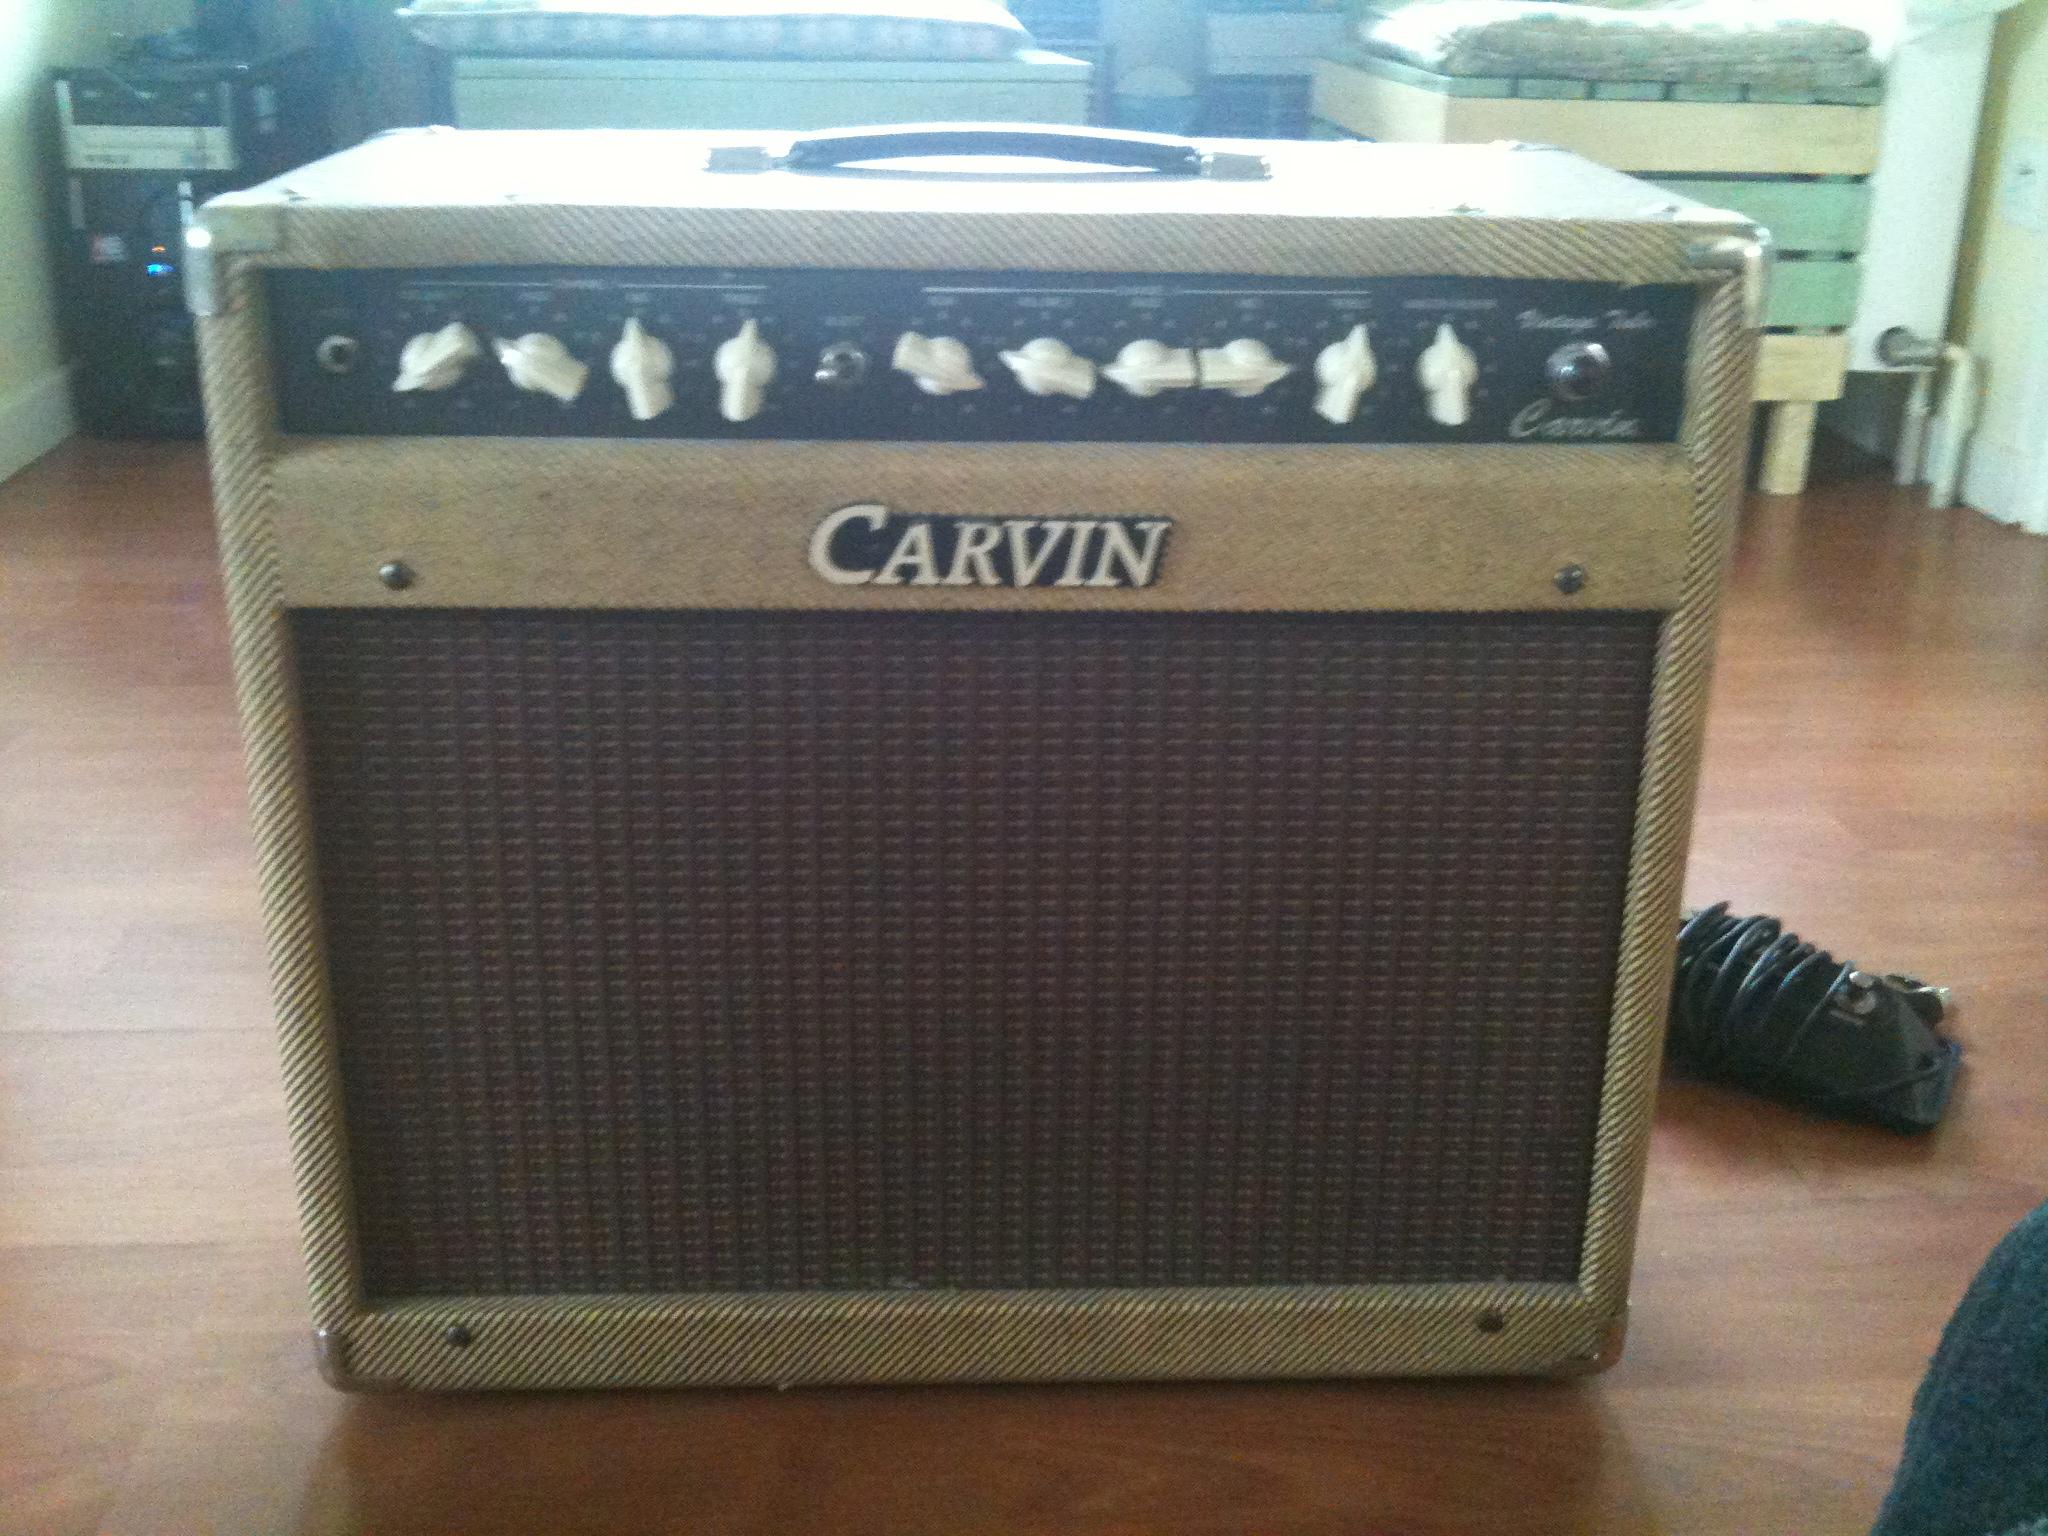 Carvin Vintage Amp 11